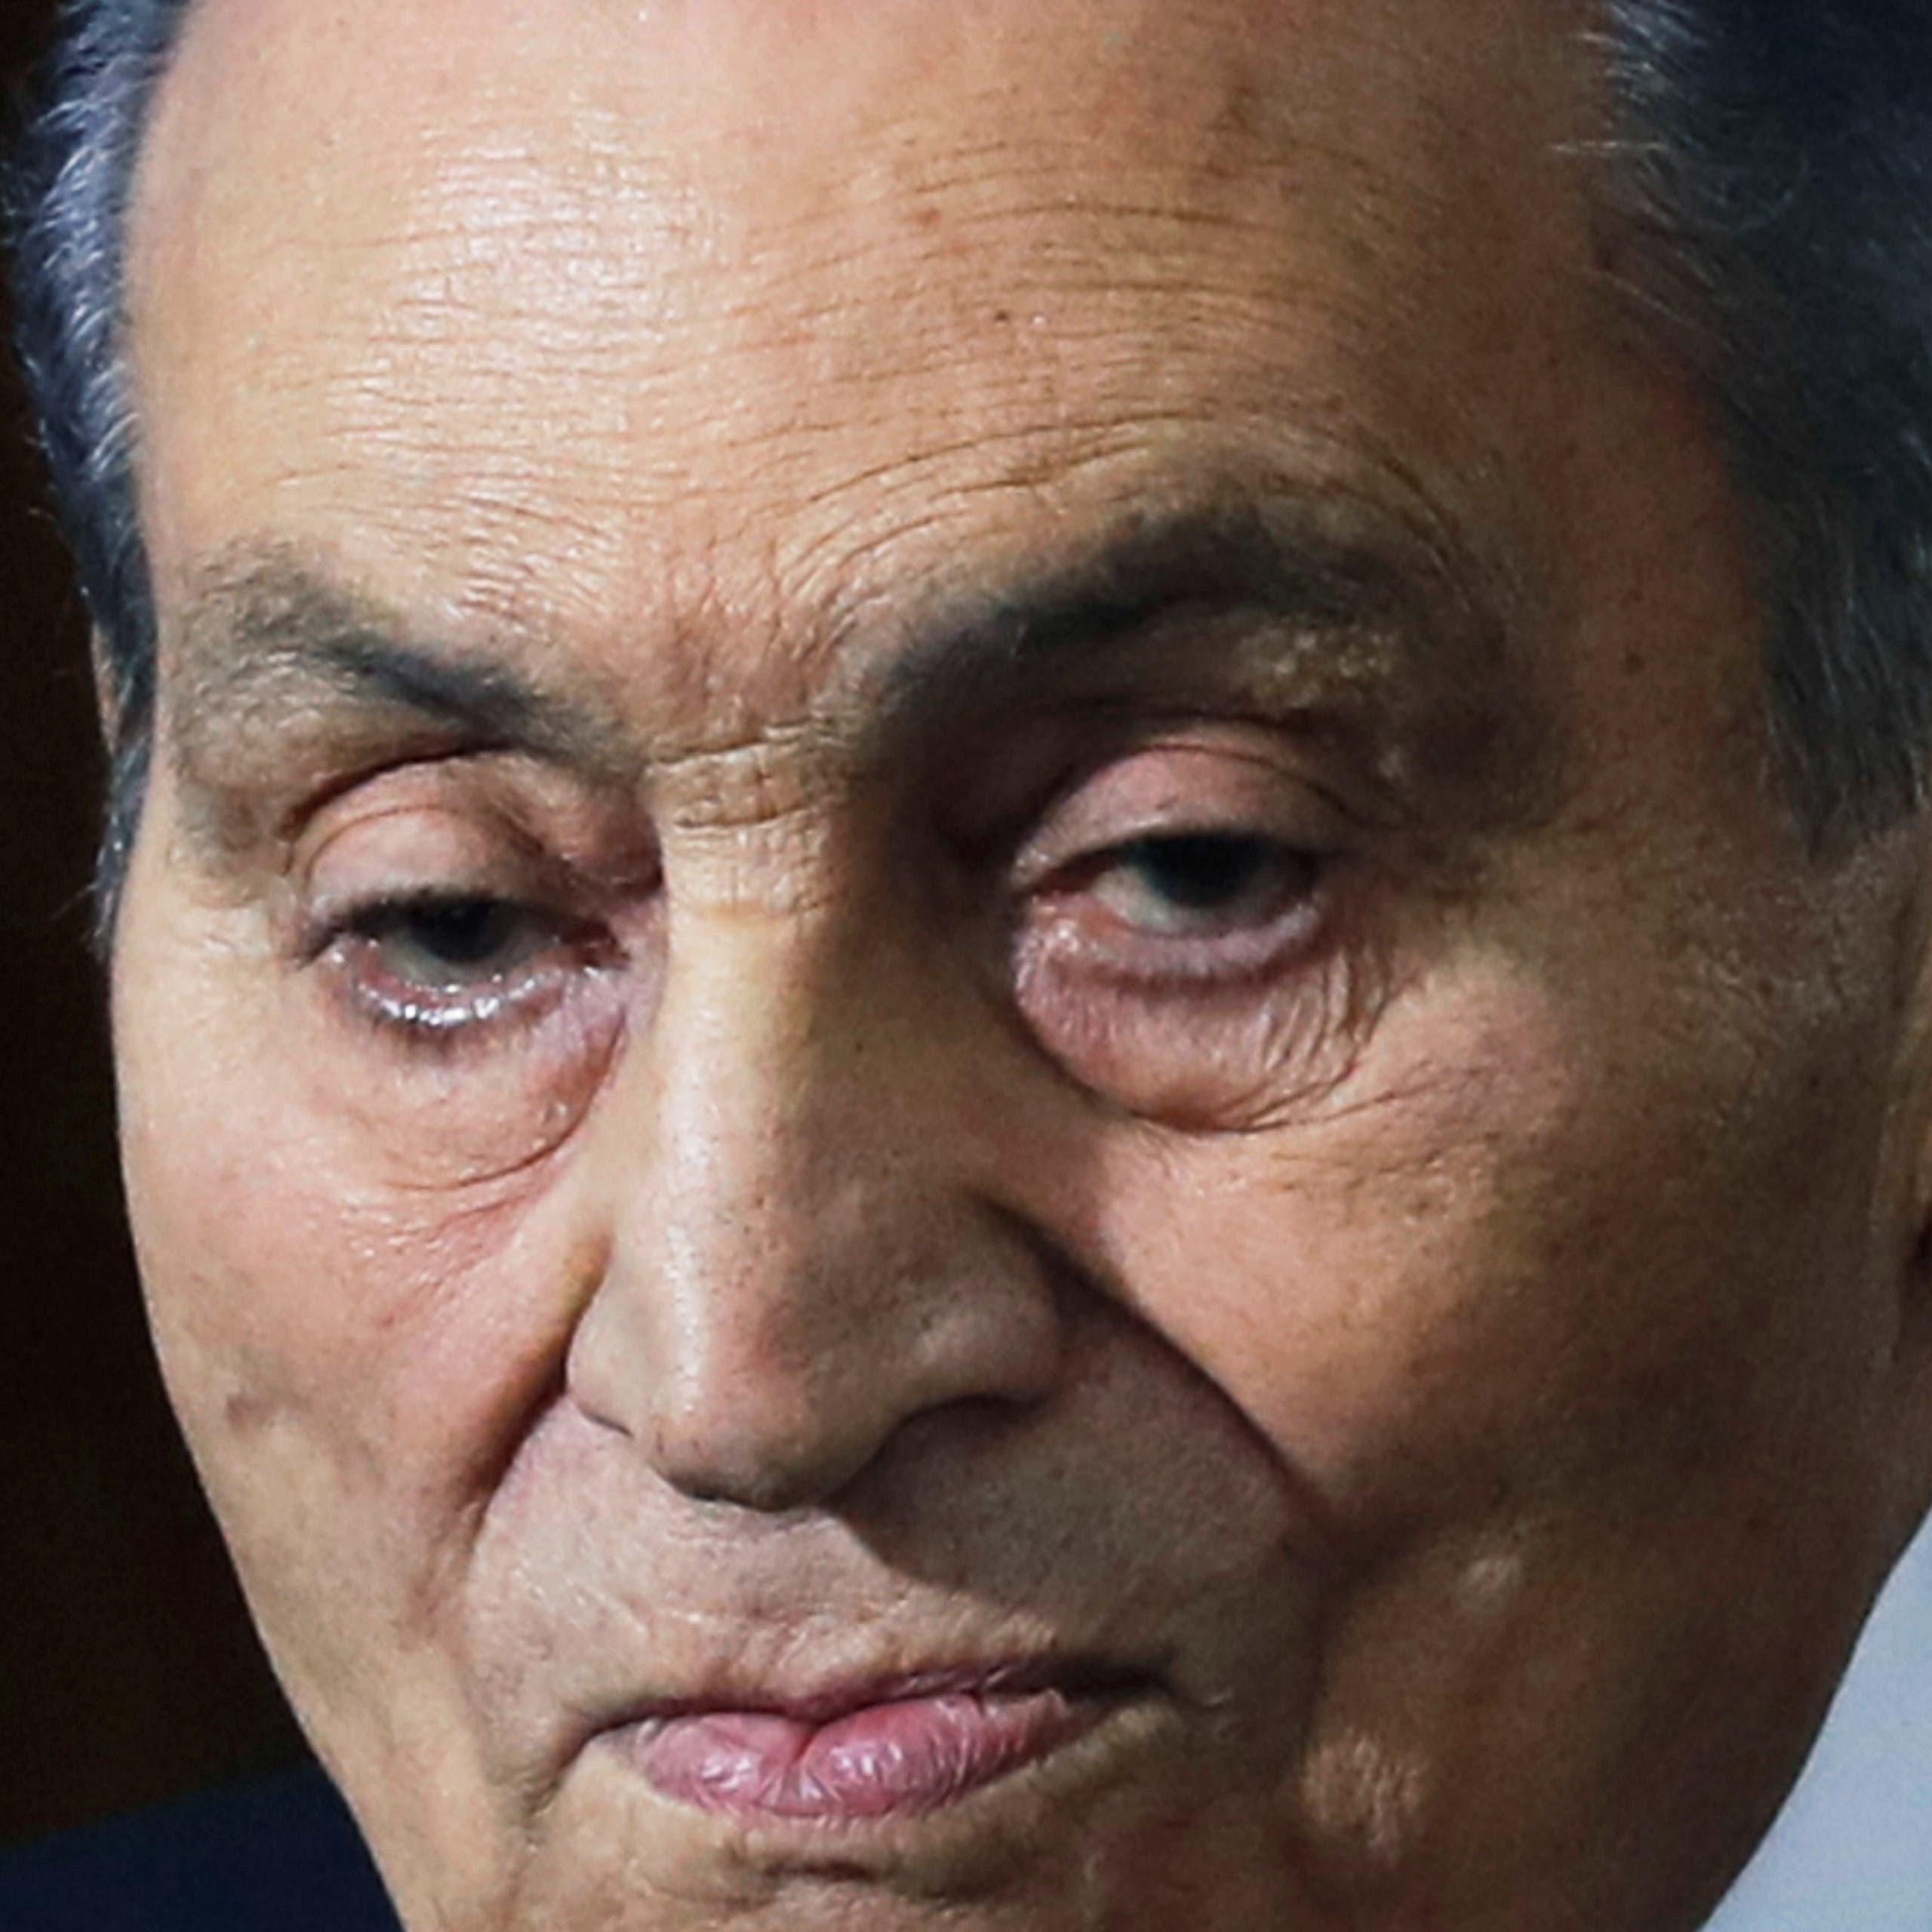 بعد جراحة دقيقة.. هذه تفاصيل حالة حسني مبارك